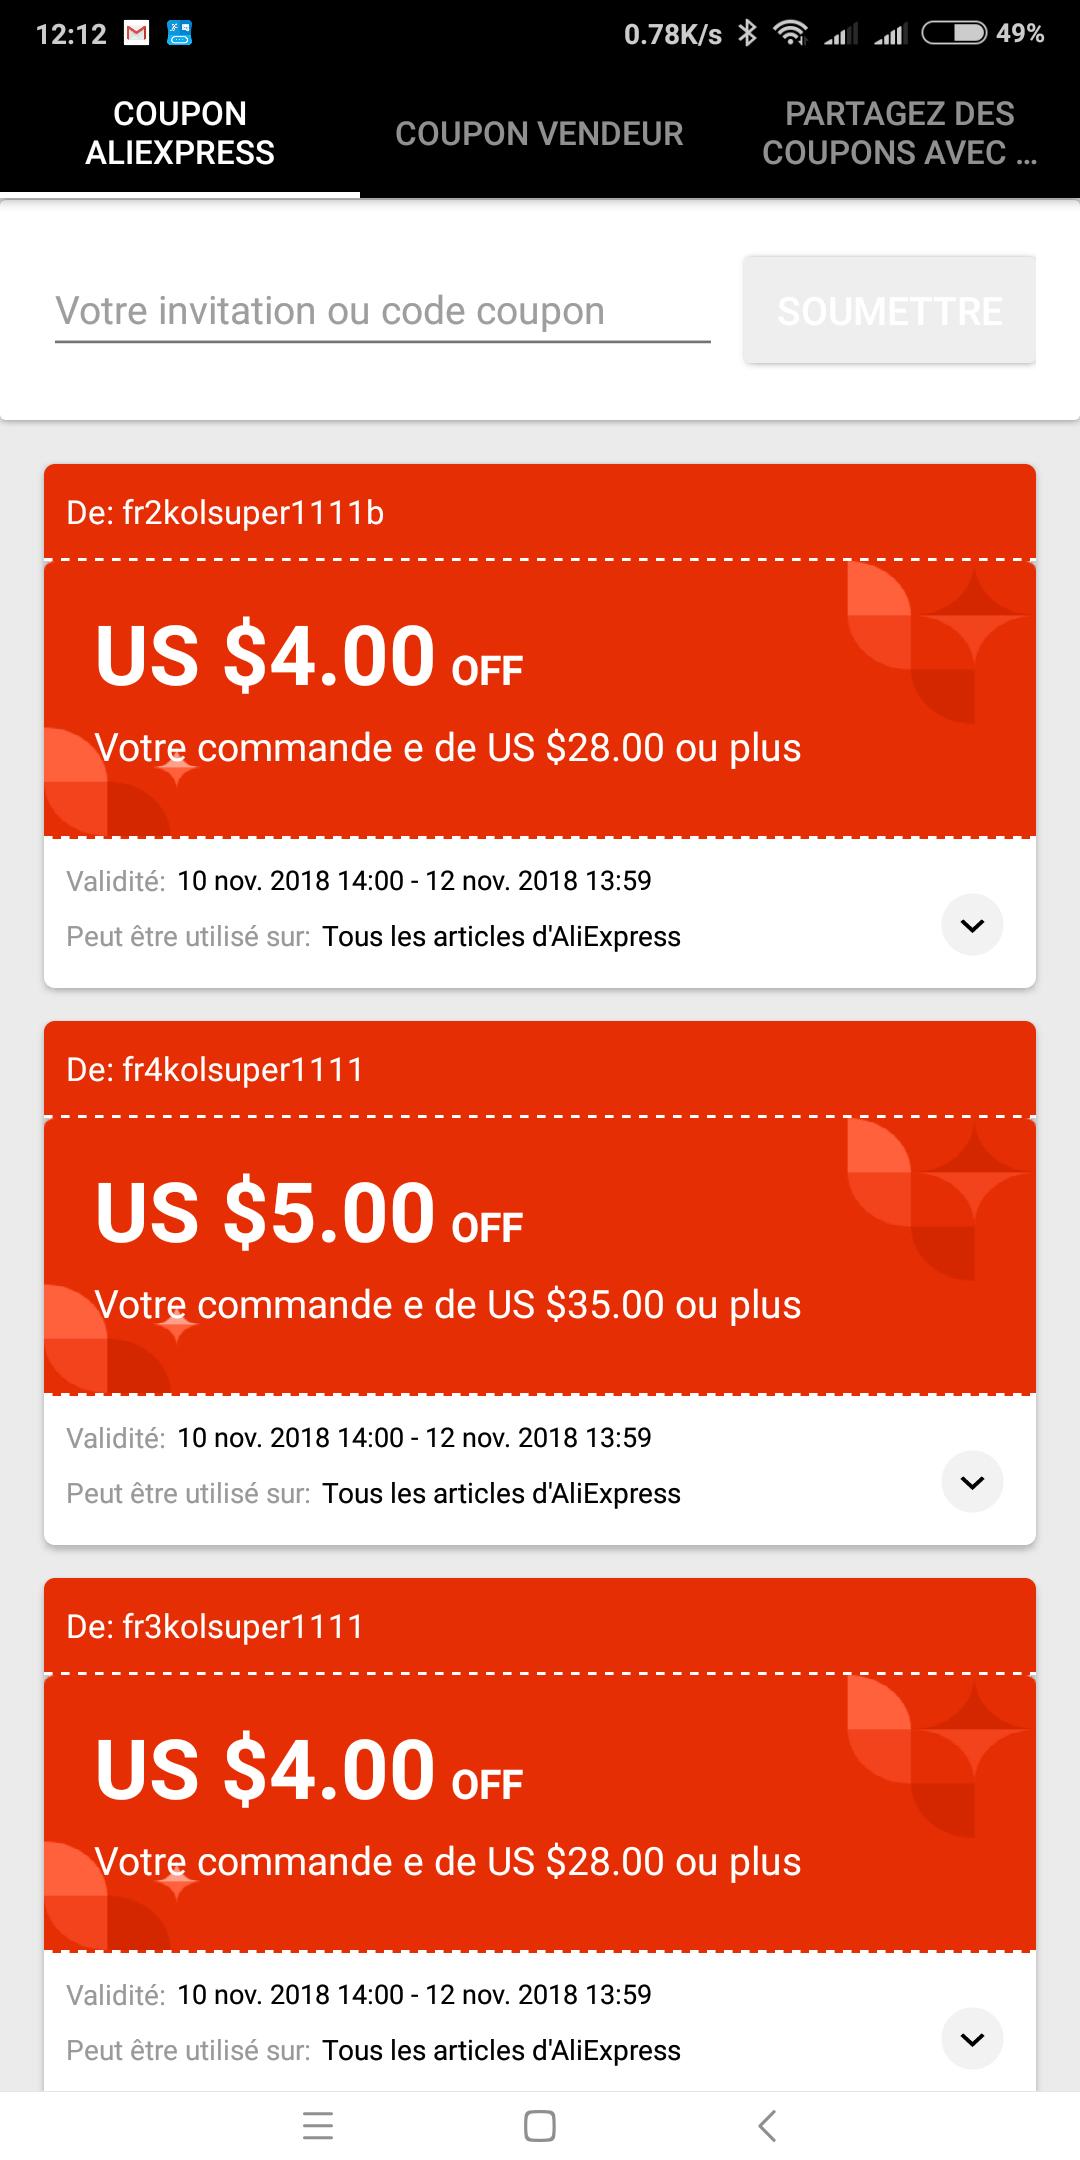 AliExpress 11/11 coupons van verschillende waarden